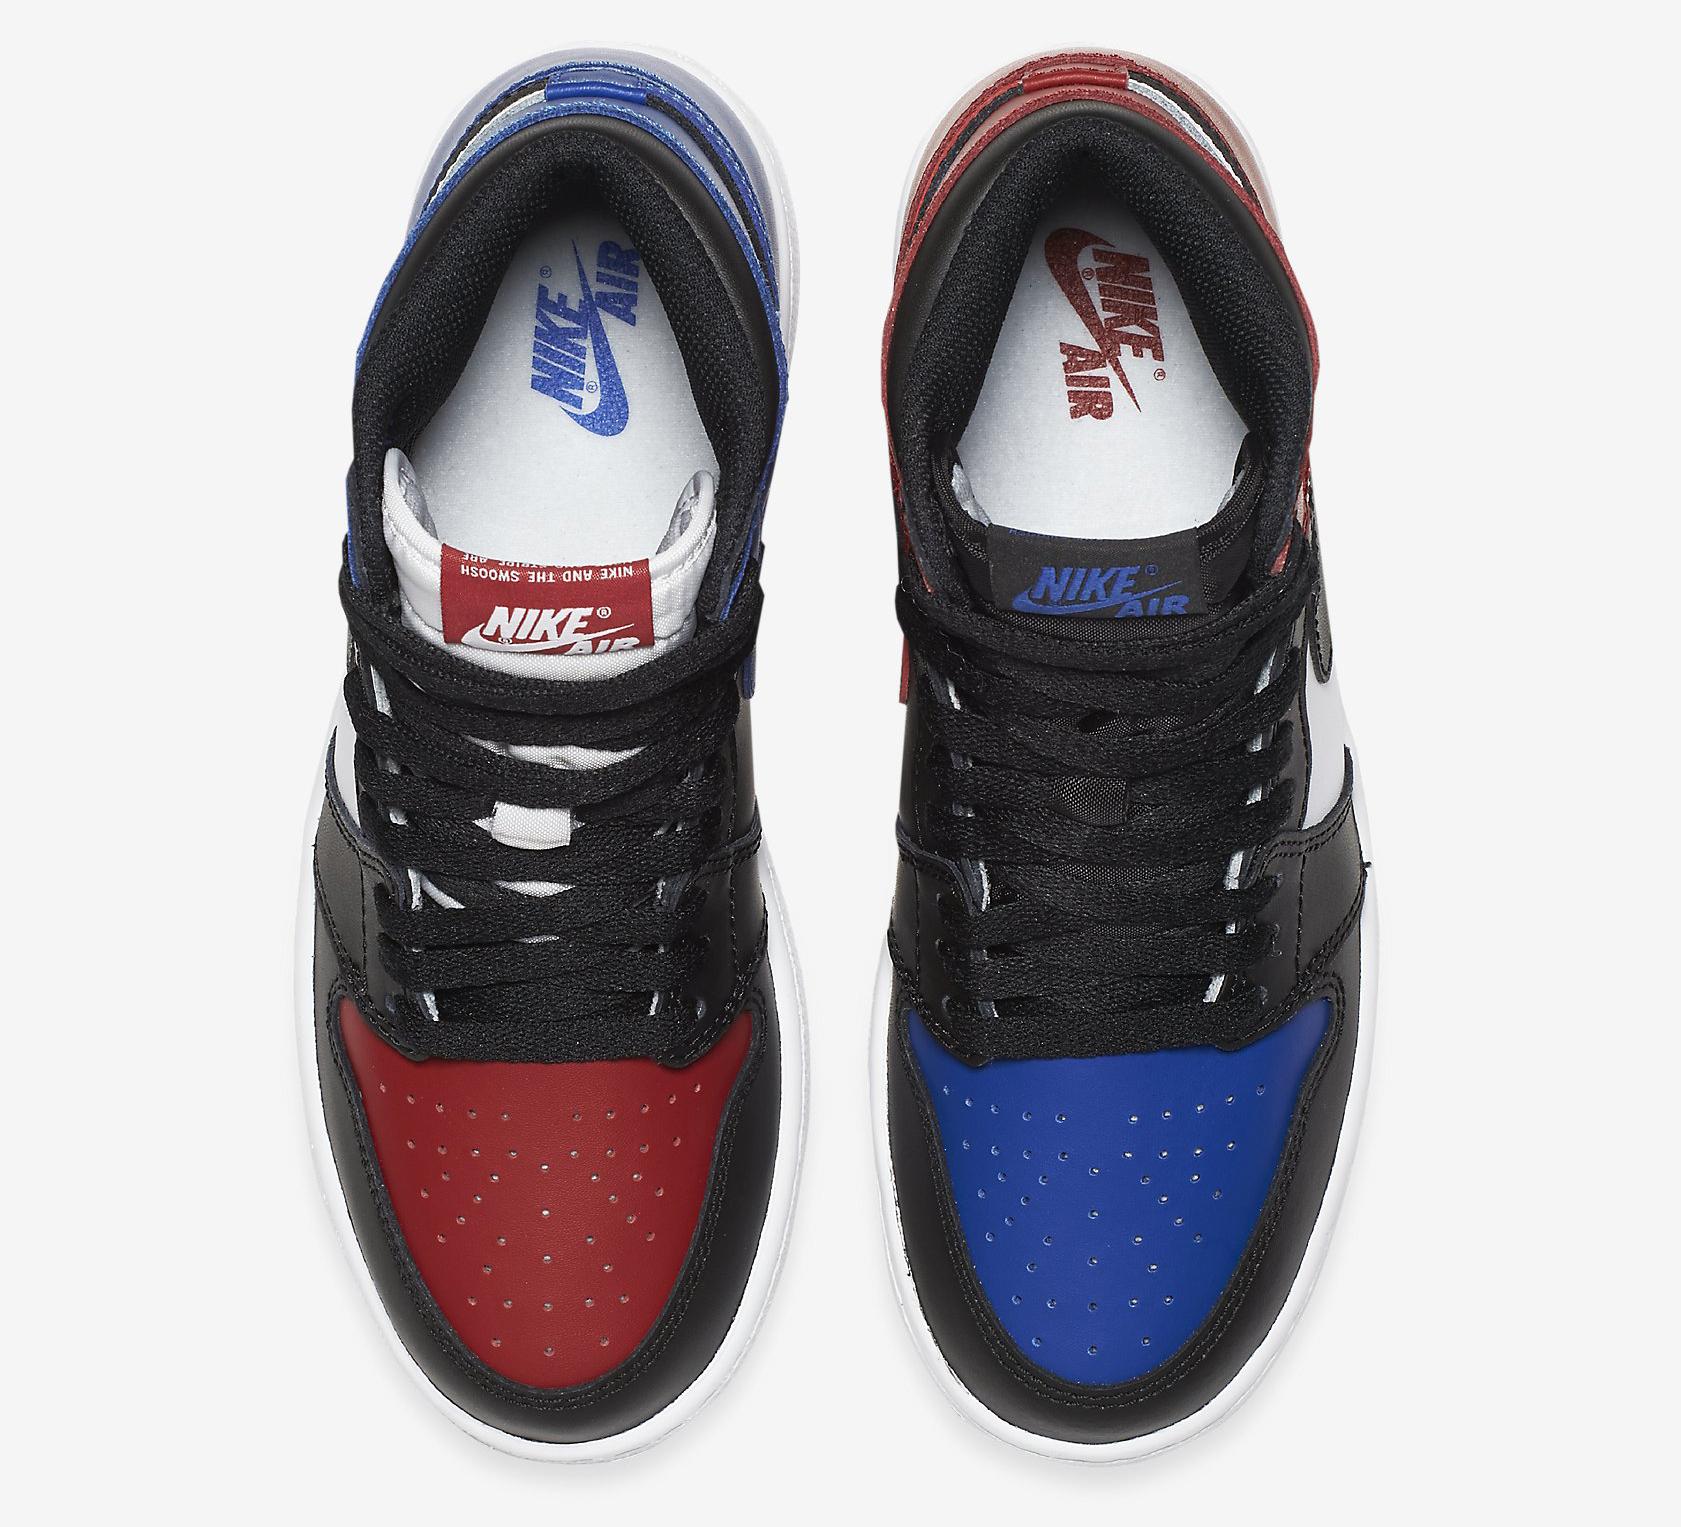 buy popular b9f23 b8924 Image via Nike Top 3 Jordan 1 GS Top